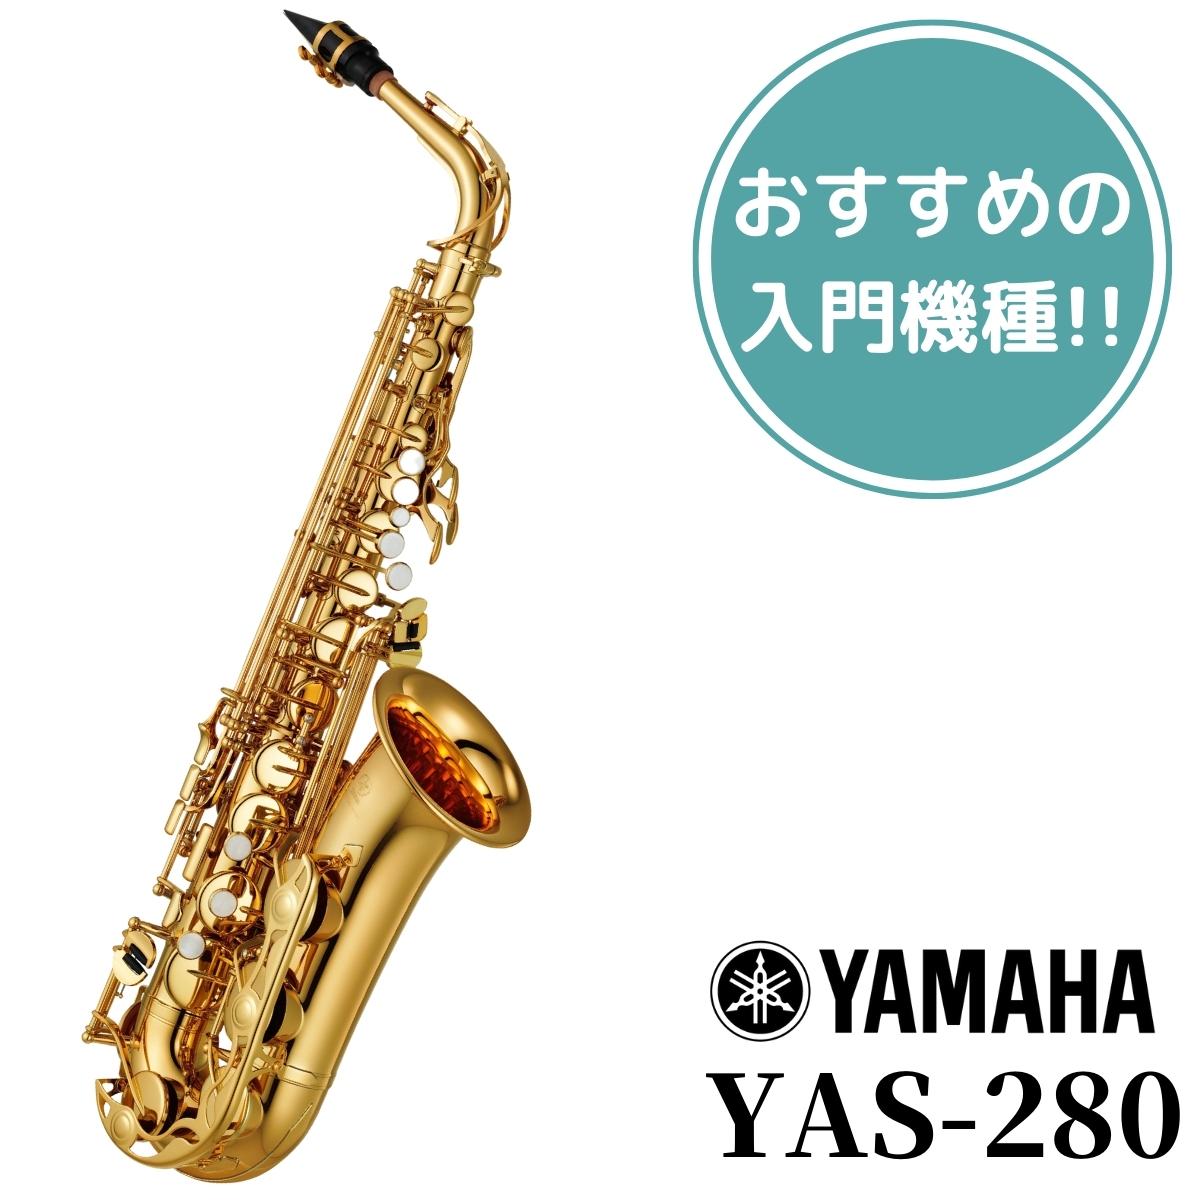 《安心の当社5年間保証》 YAMAHA YAS-280